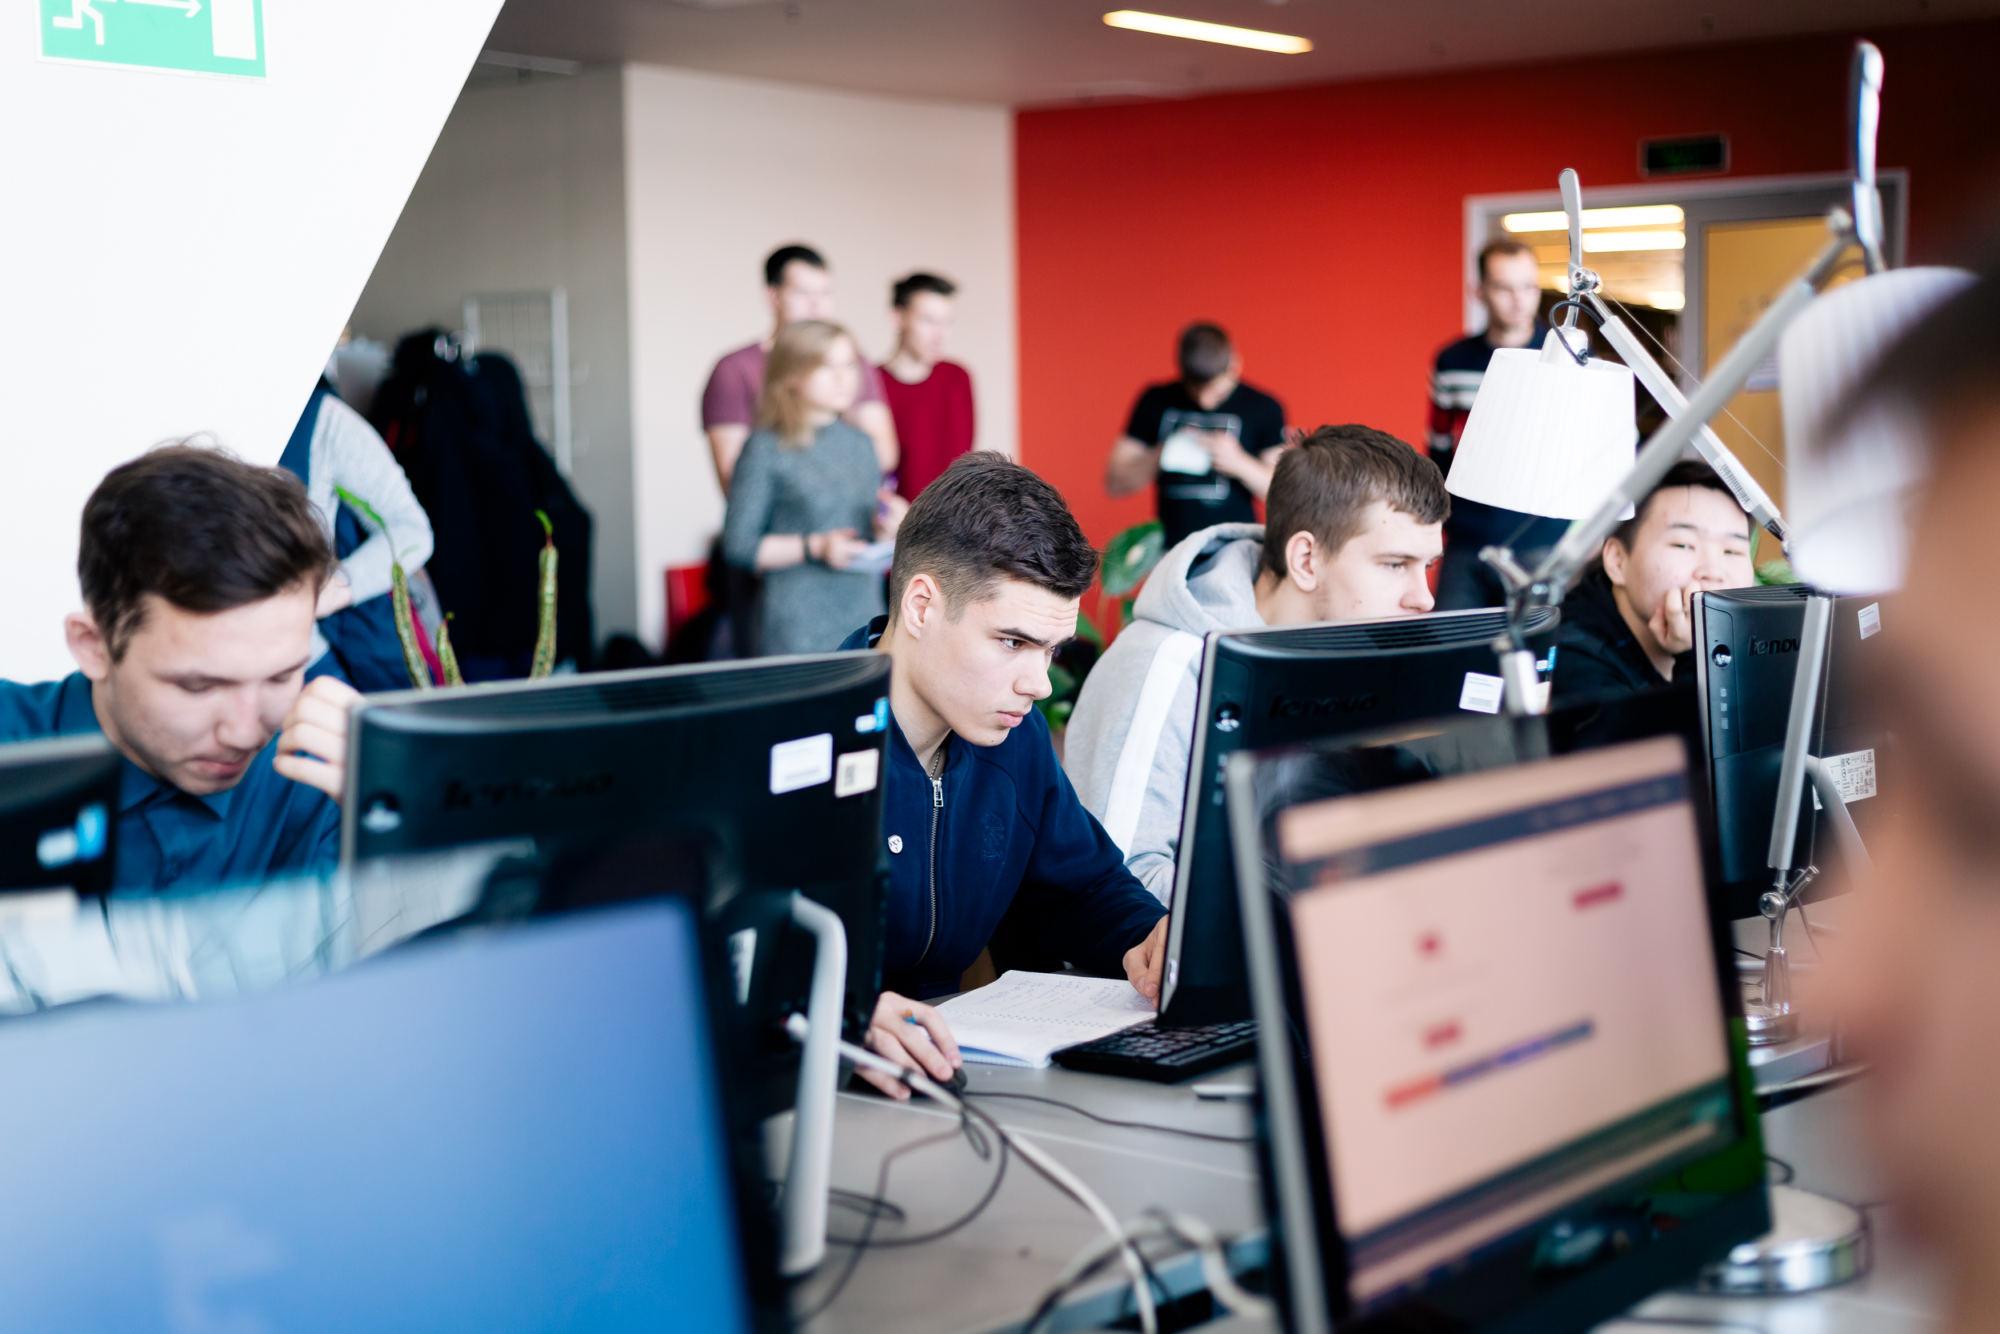 ШЦЭ проведет для гуманитариев мастер-классы по работе с VR и искусственным интеллектом